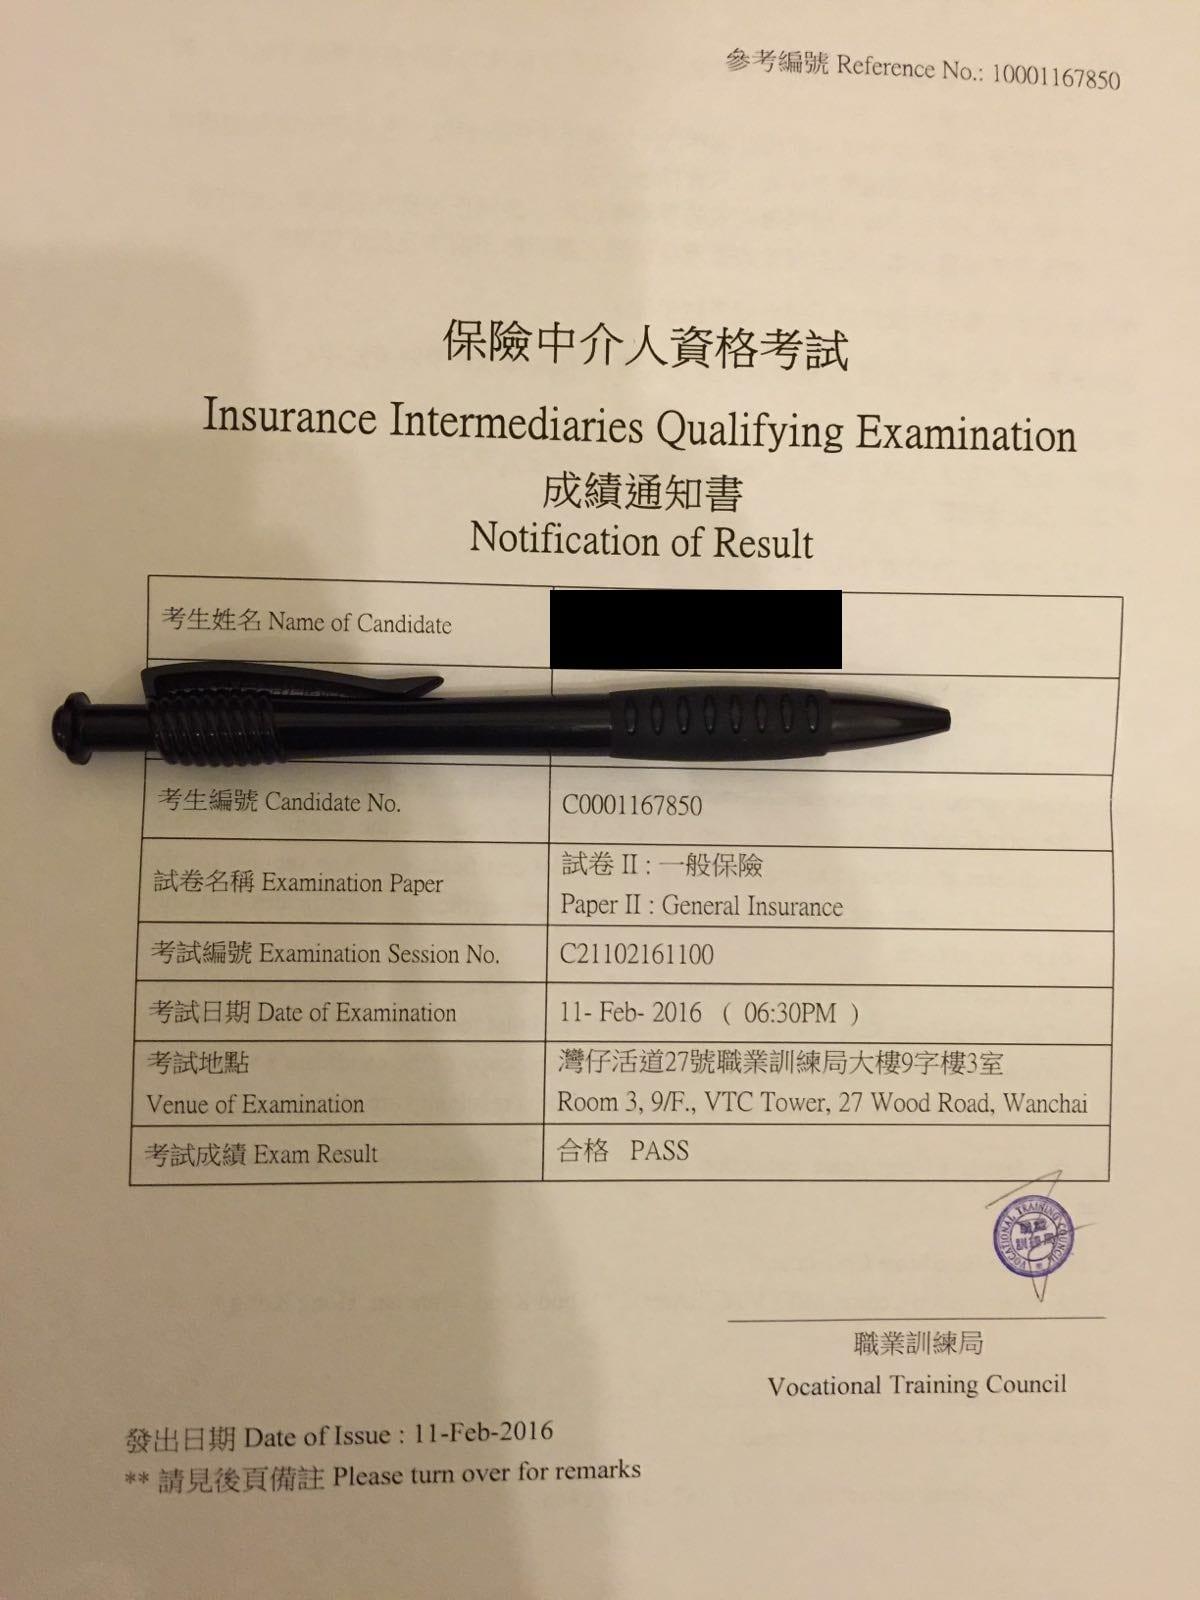 Vincentcheong 11/2/2016 IIQE Paper 2 保險中介人資格考試卷二 Pass